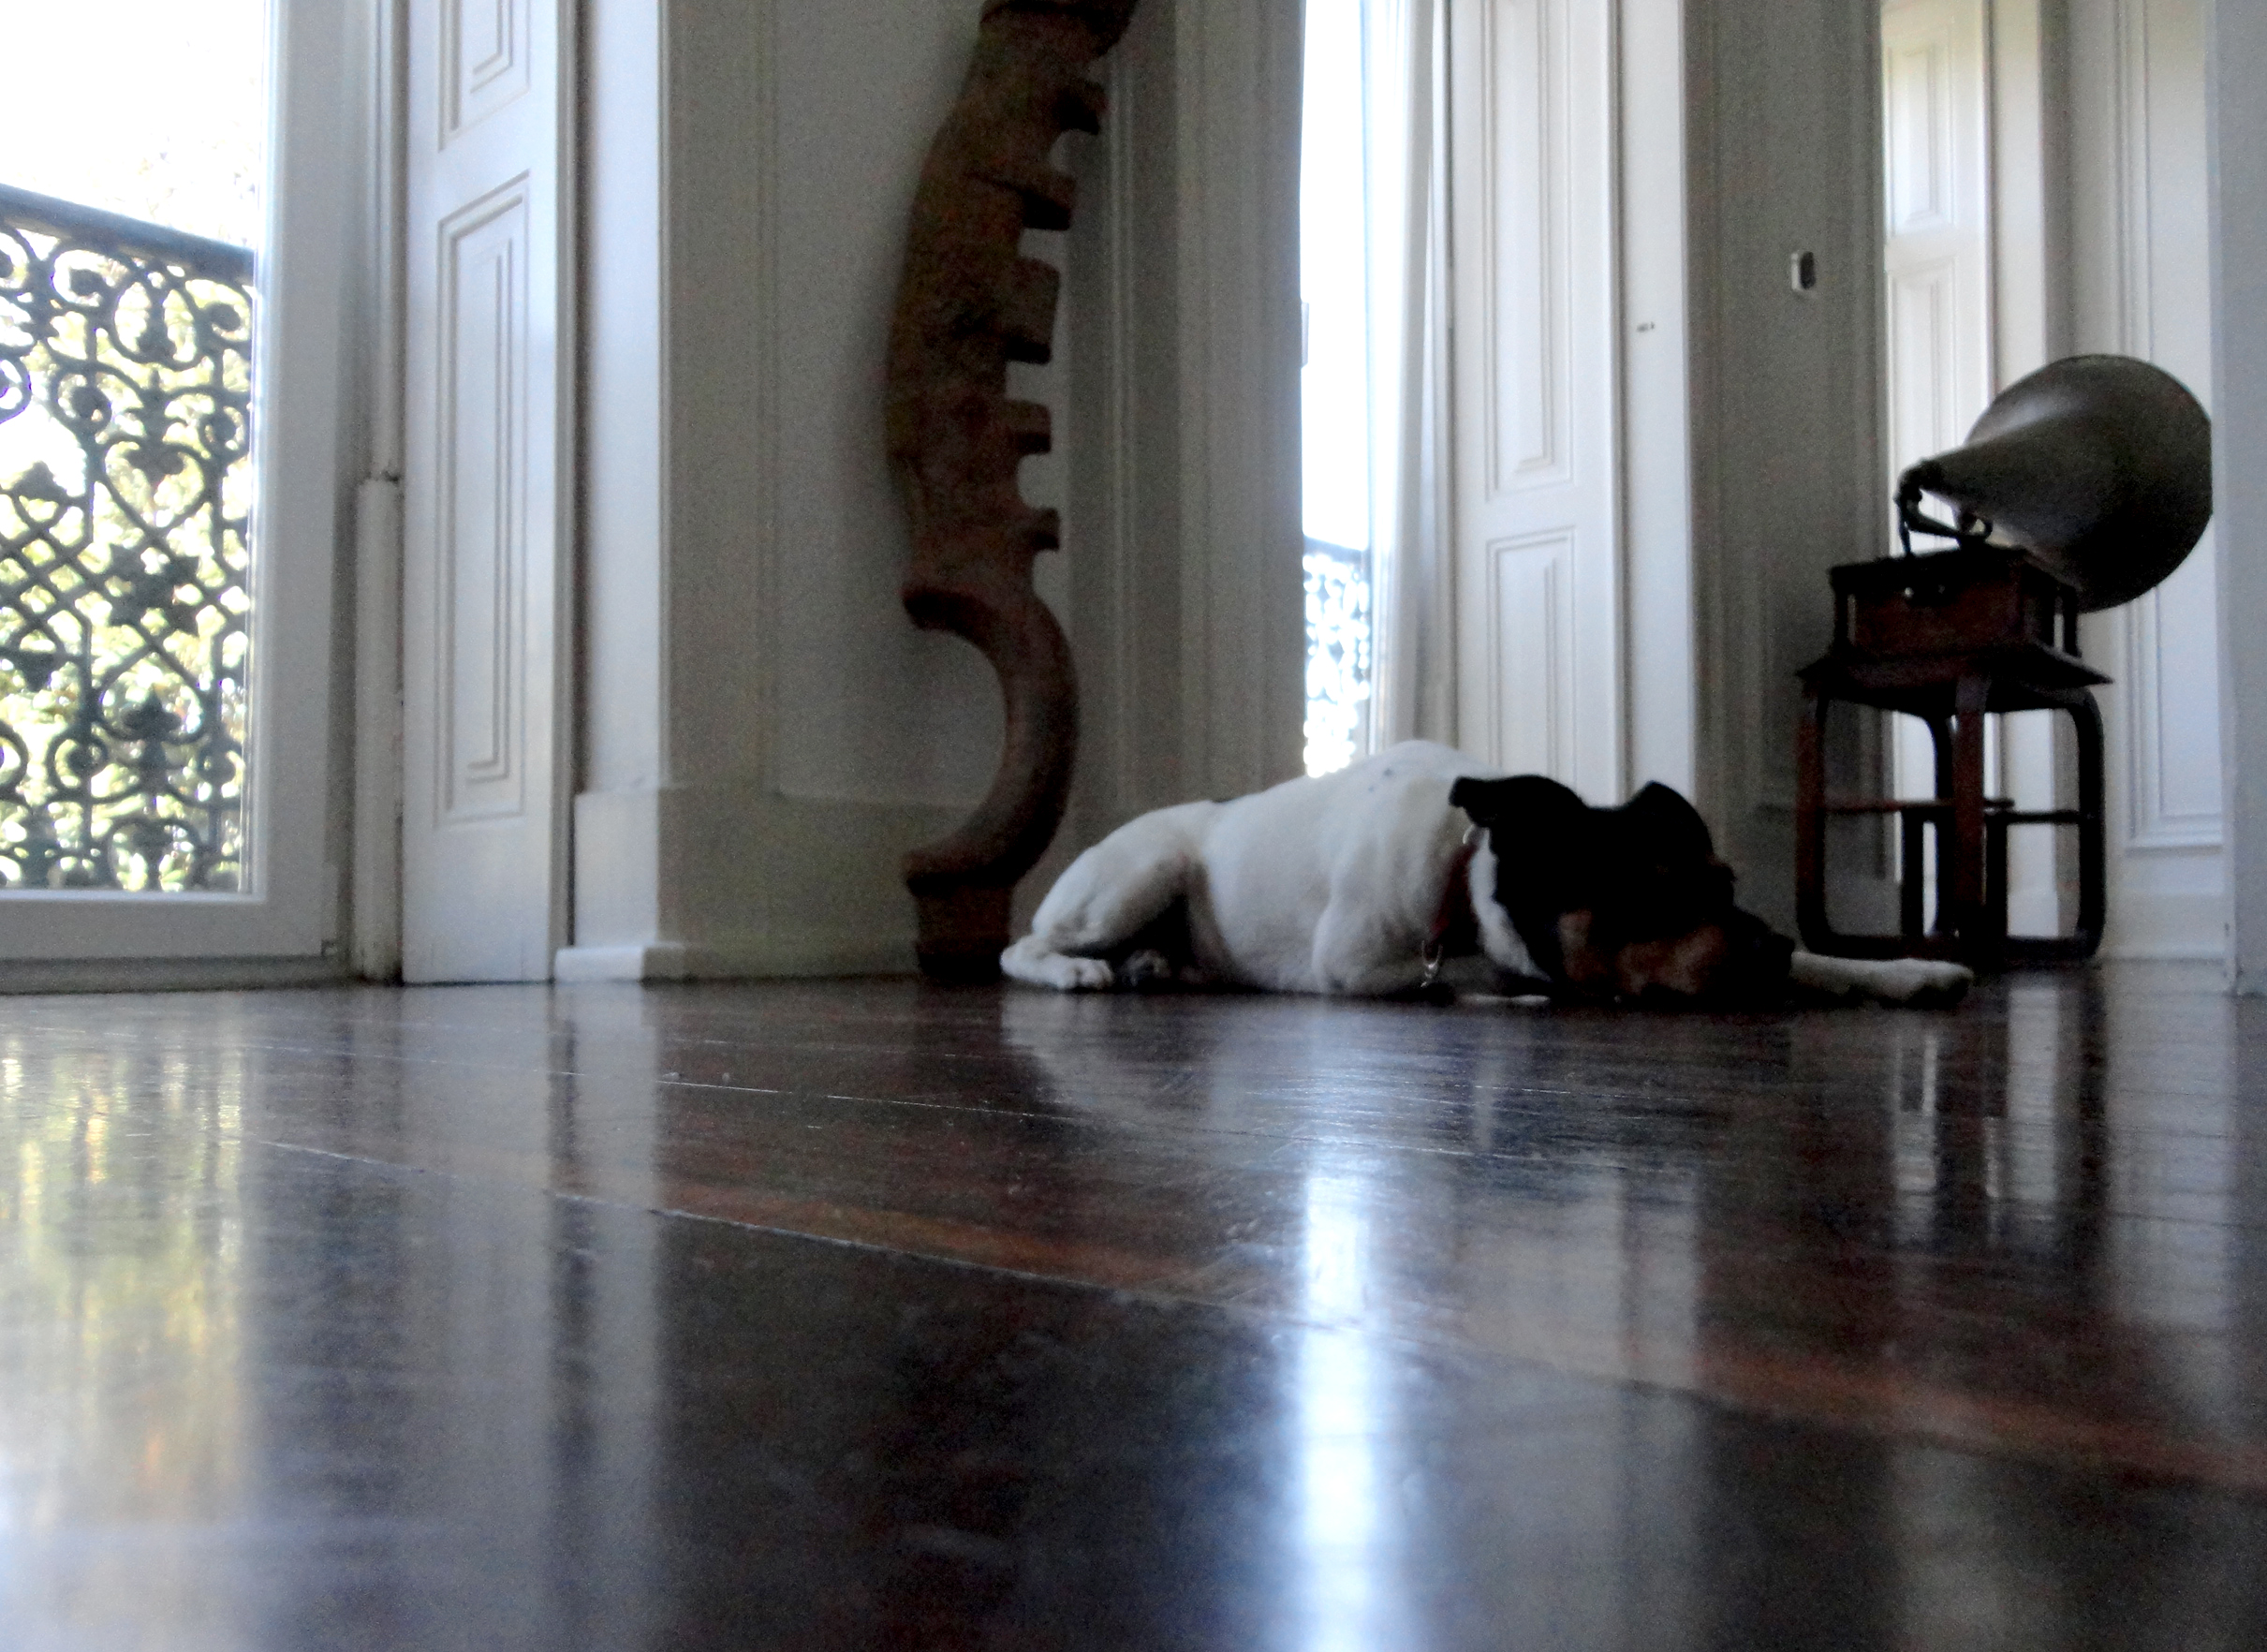 Na sala entra quem o Choné acha que pode. Eu pude!